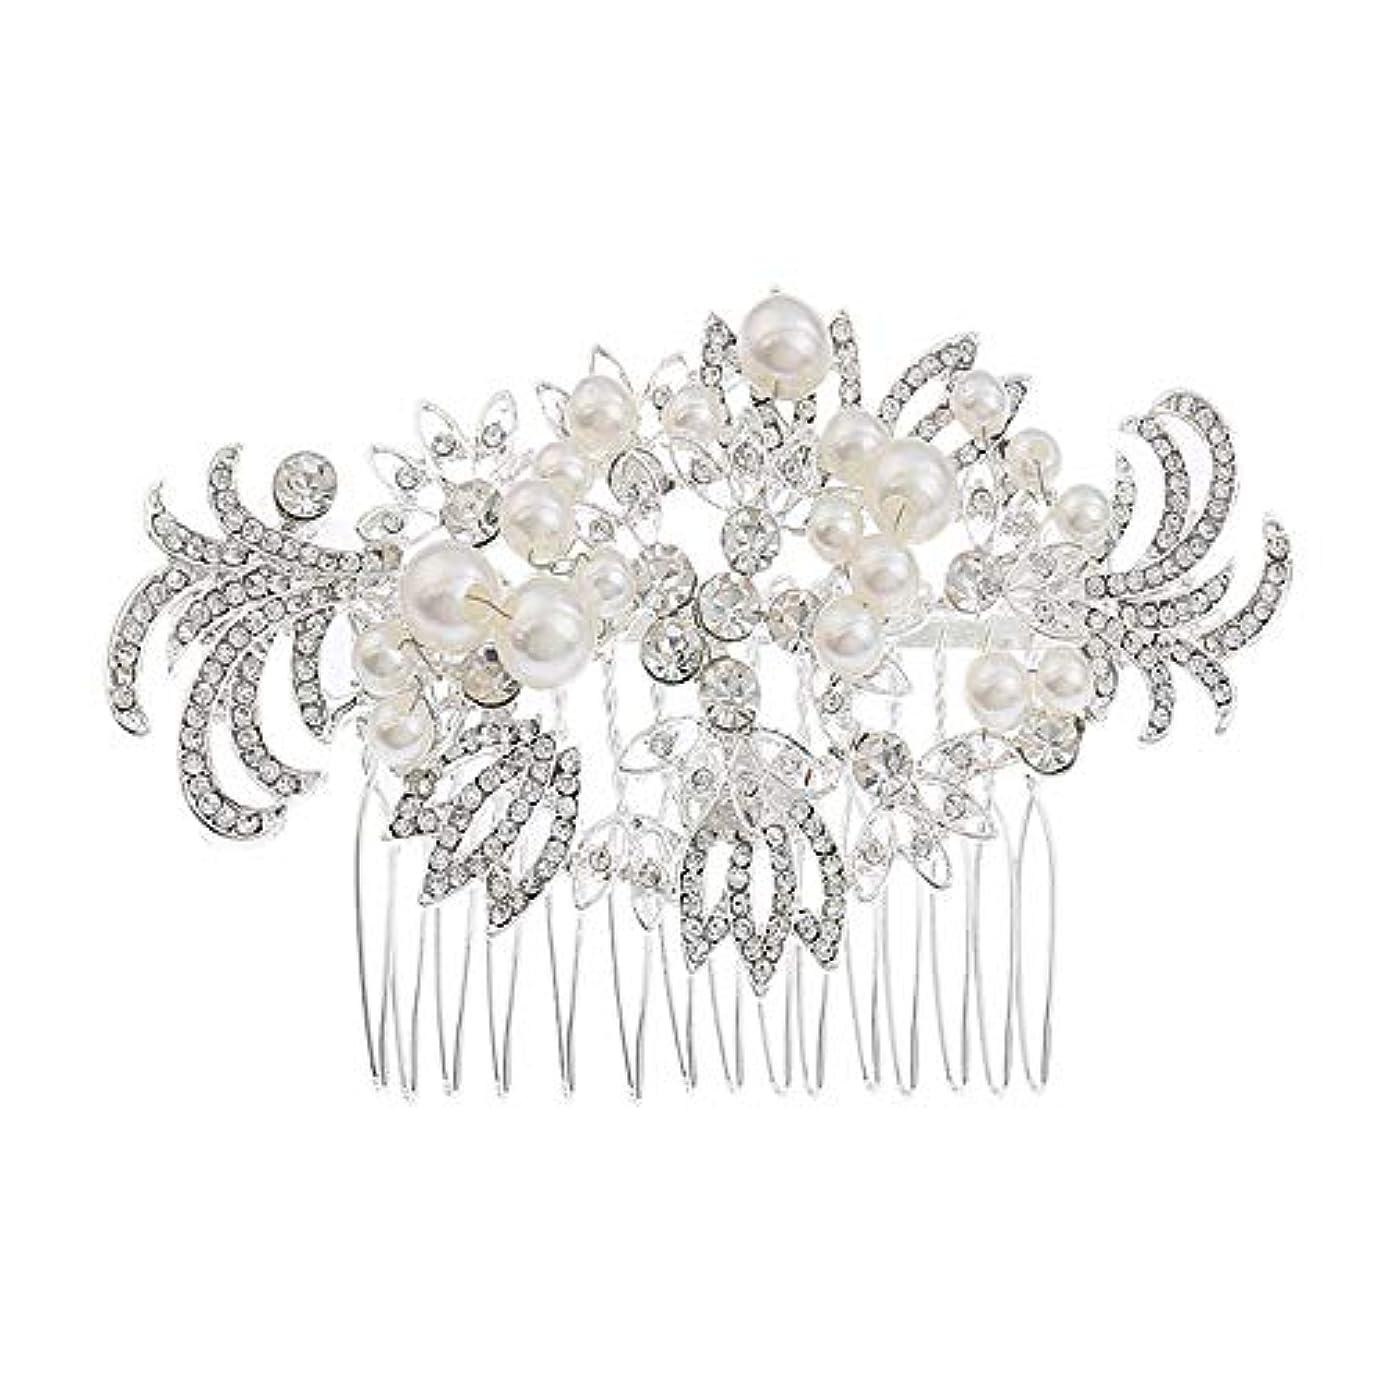 熟読する入る通り髪の櫛挿入櫛花嫁の髪櫛真珠の髪の櫛ラインストーンの髪の櫛結婚式のヘアアクセサリー合金の帽子ブライダルヘッドドレス